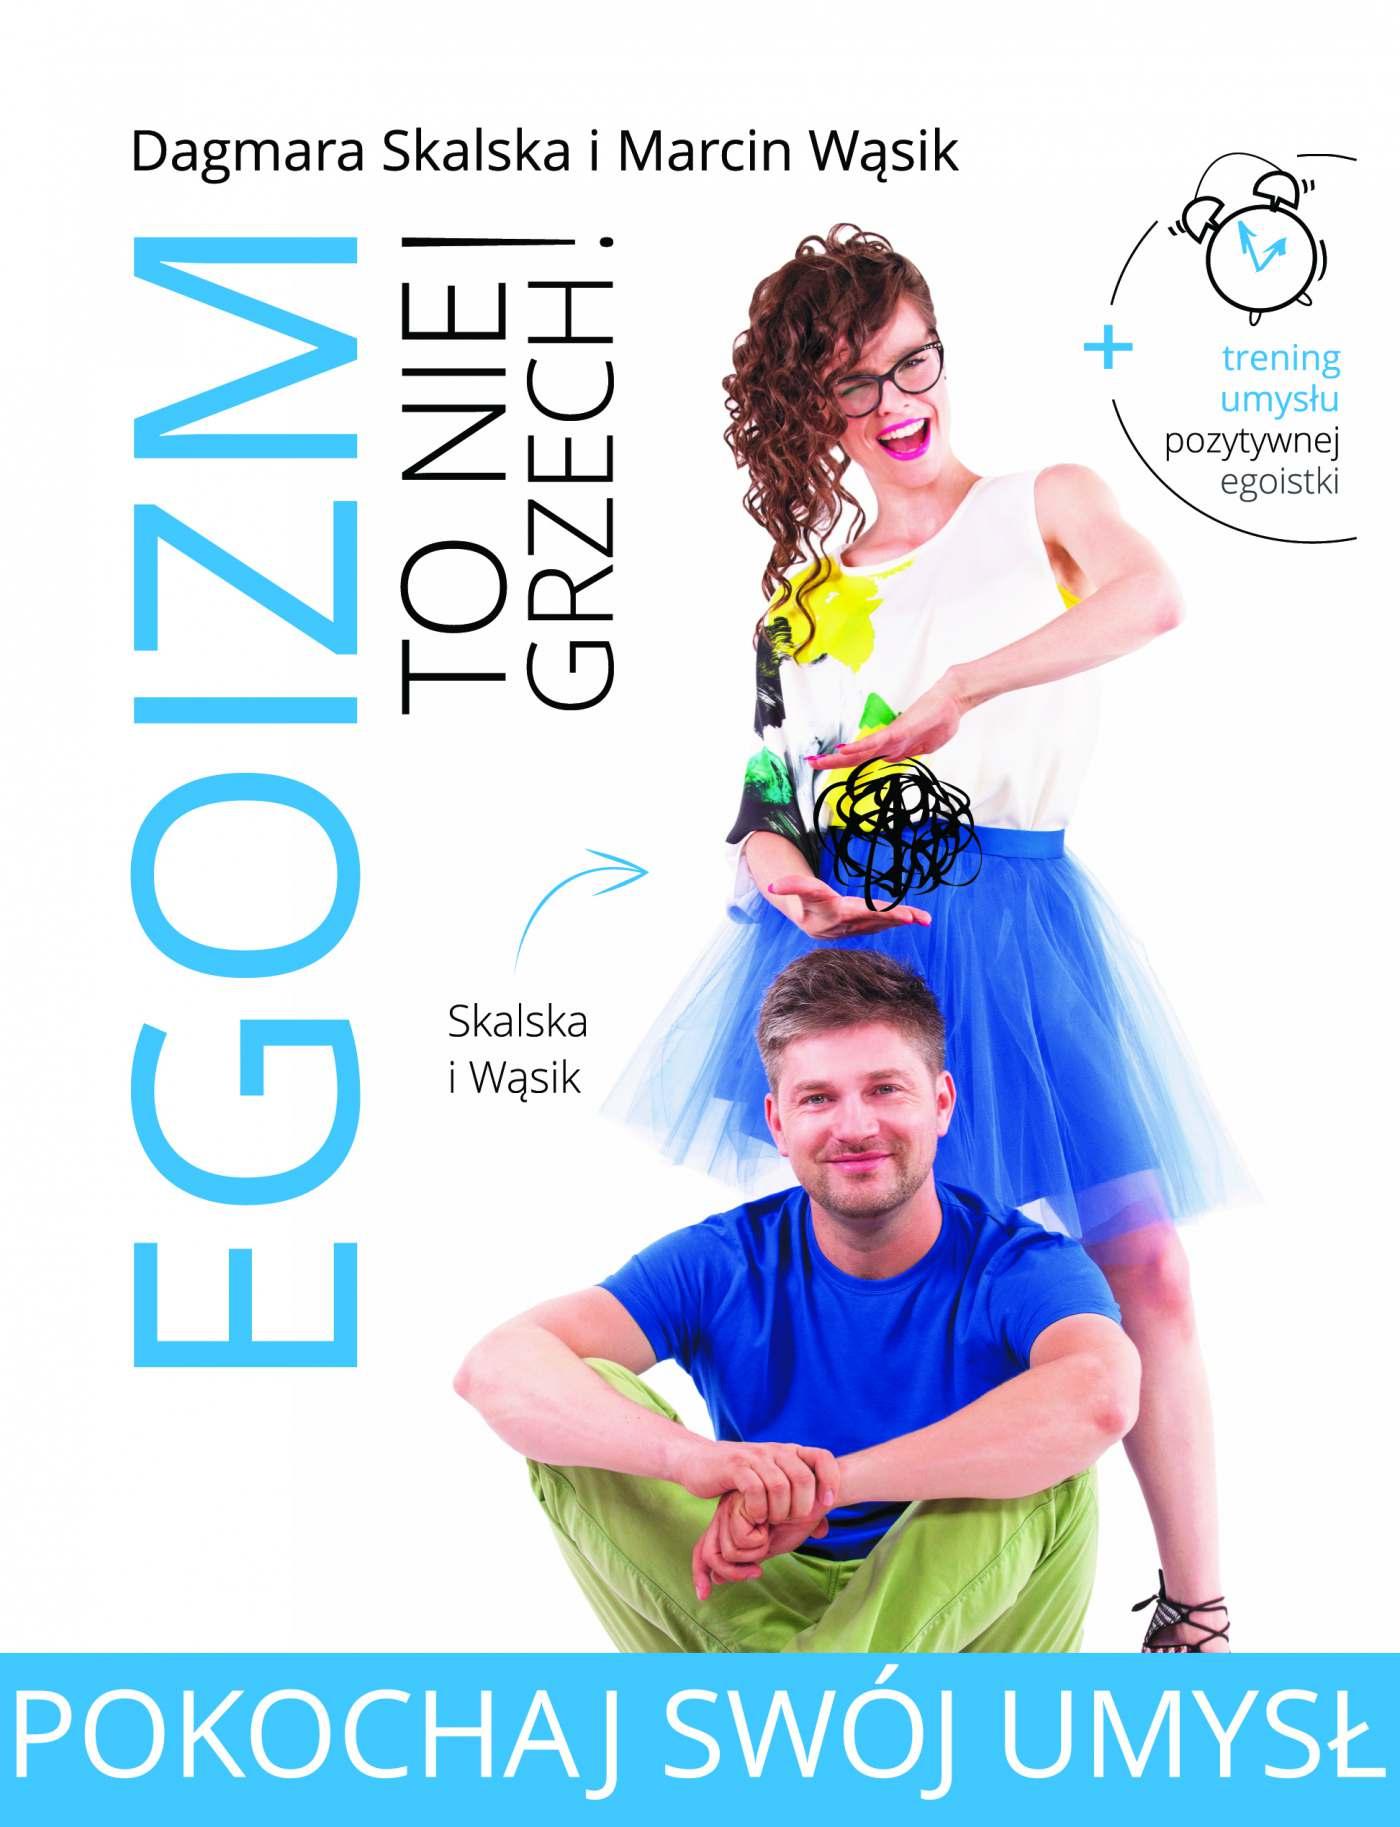 Egoizm to nie grzech. Pokochaj swój umysł - Ebook (Książka EPUB) do pobrania w formacie EPUB